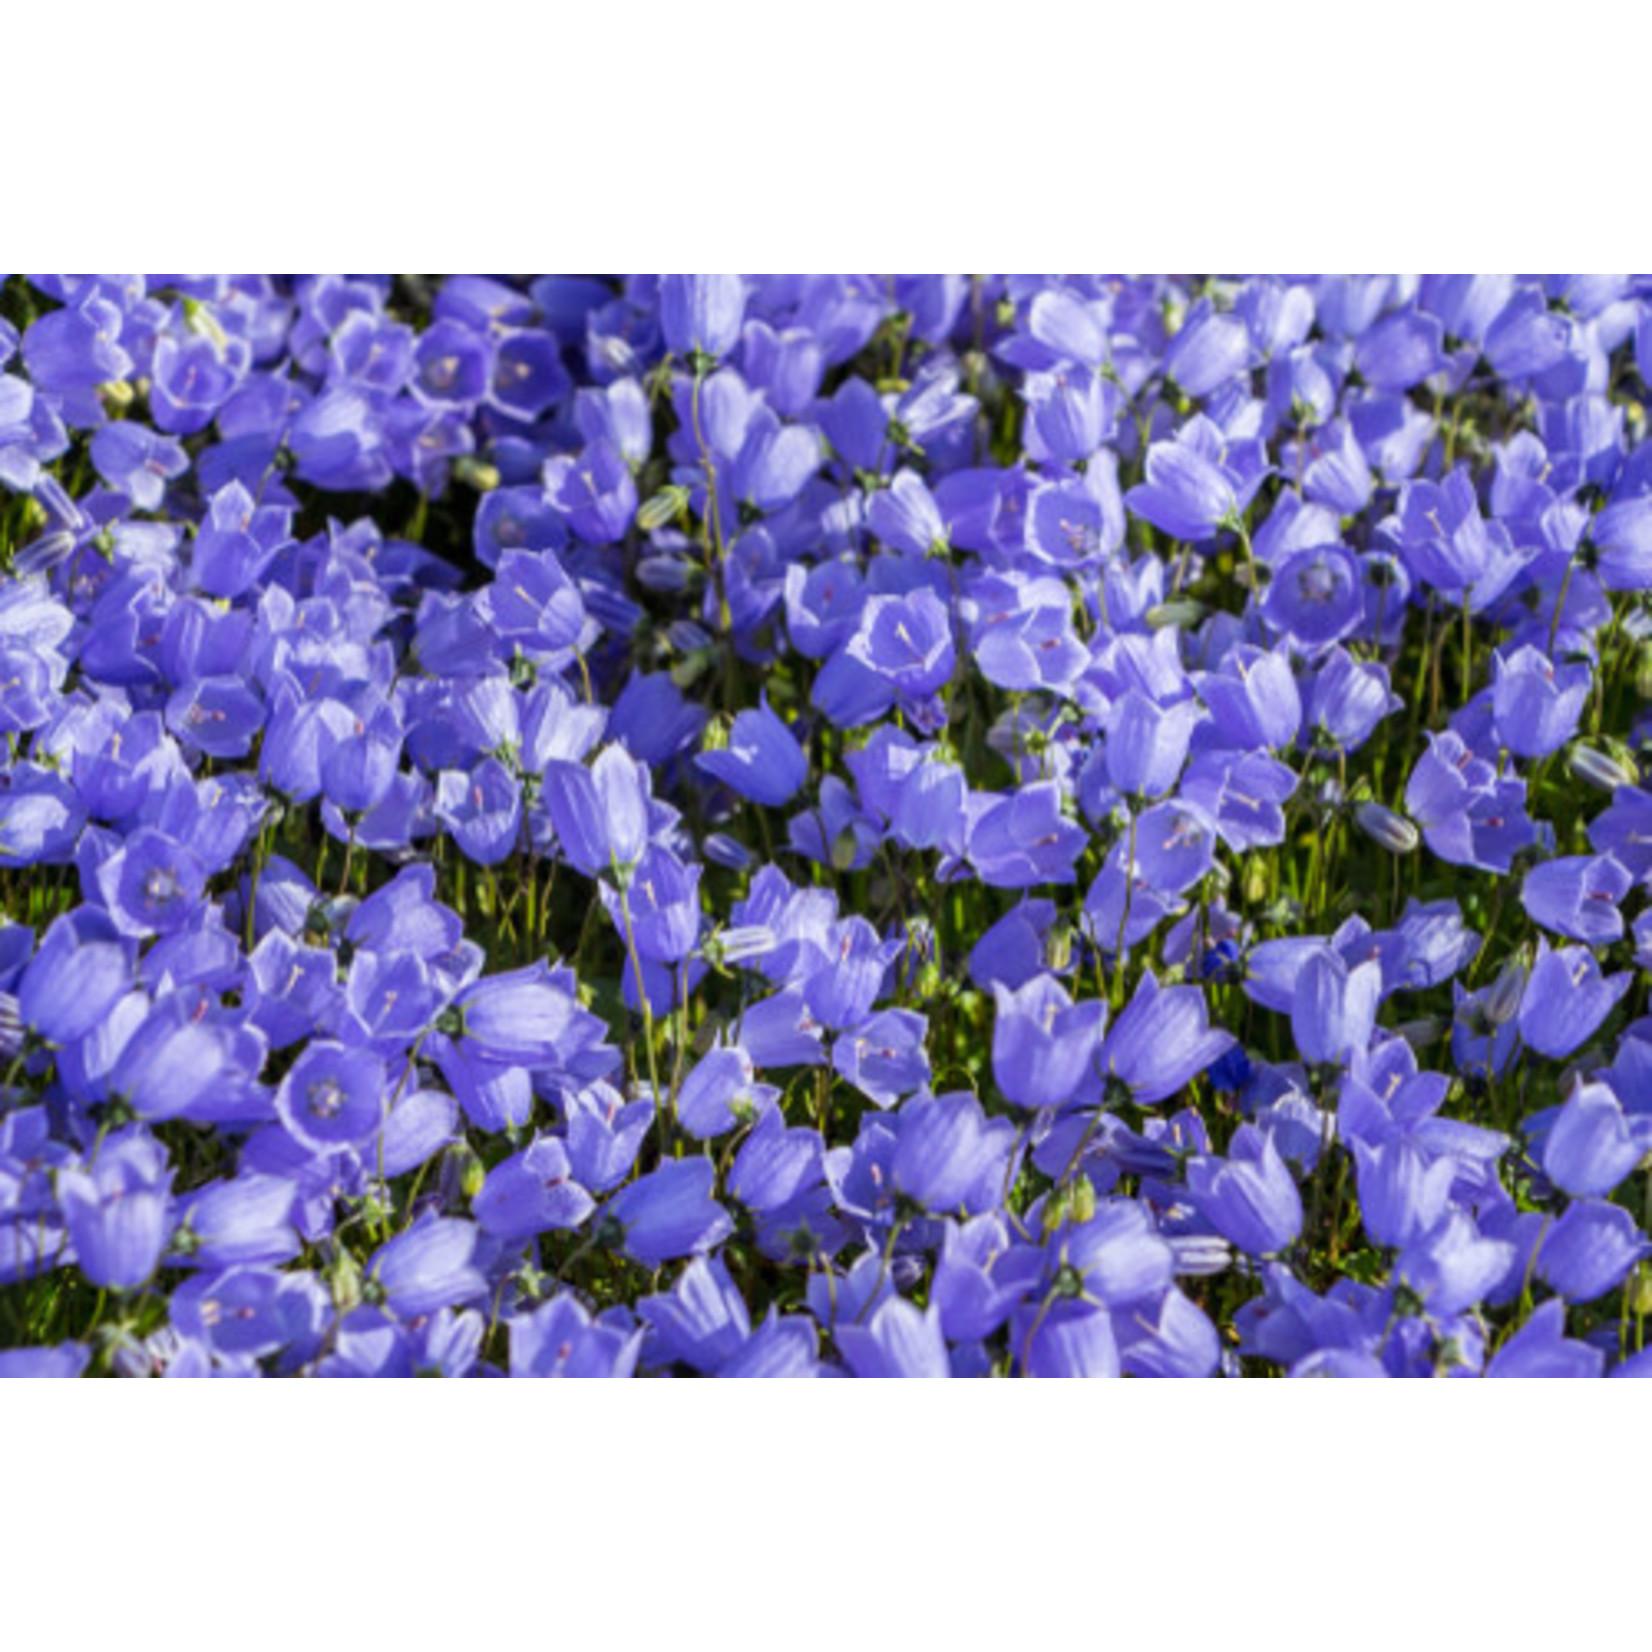 Bell Flower 'Rapido Blue' 1 GAL